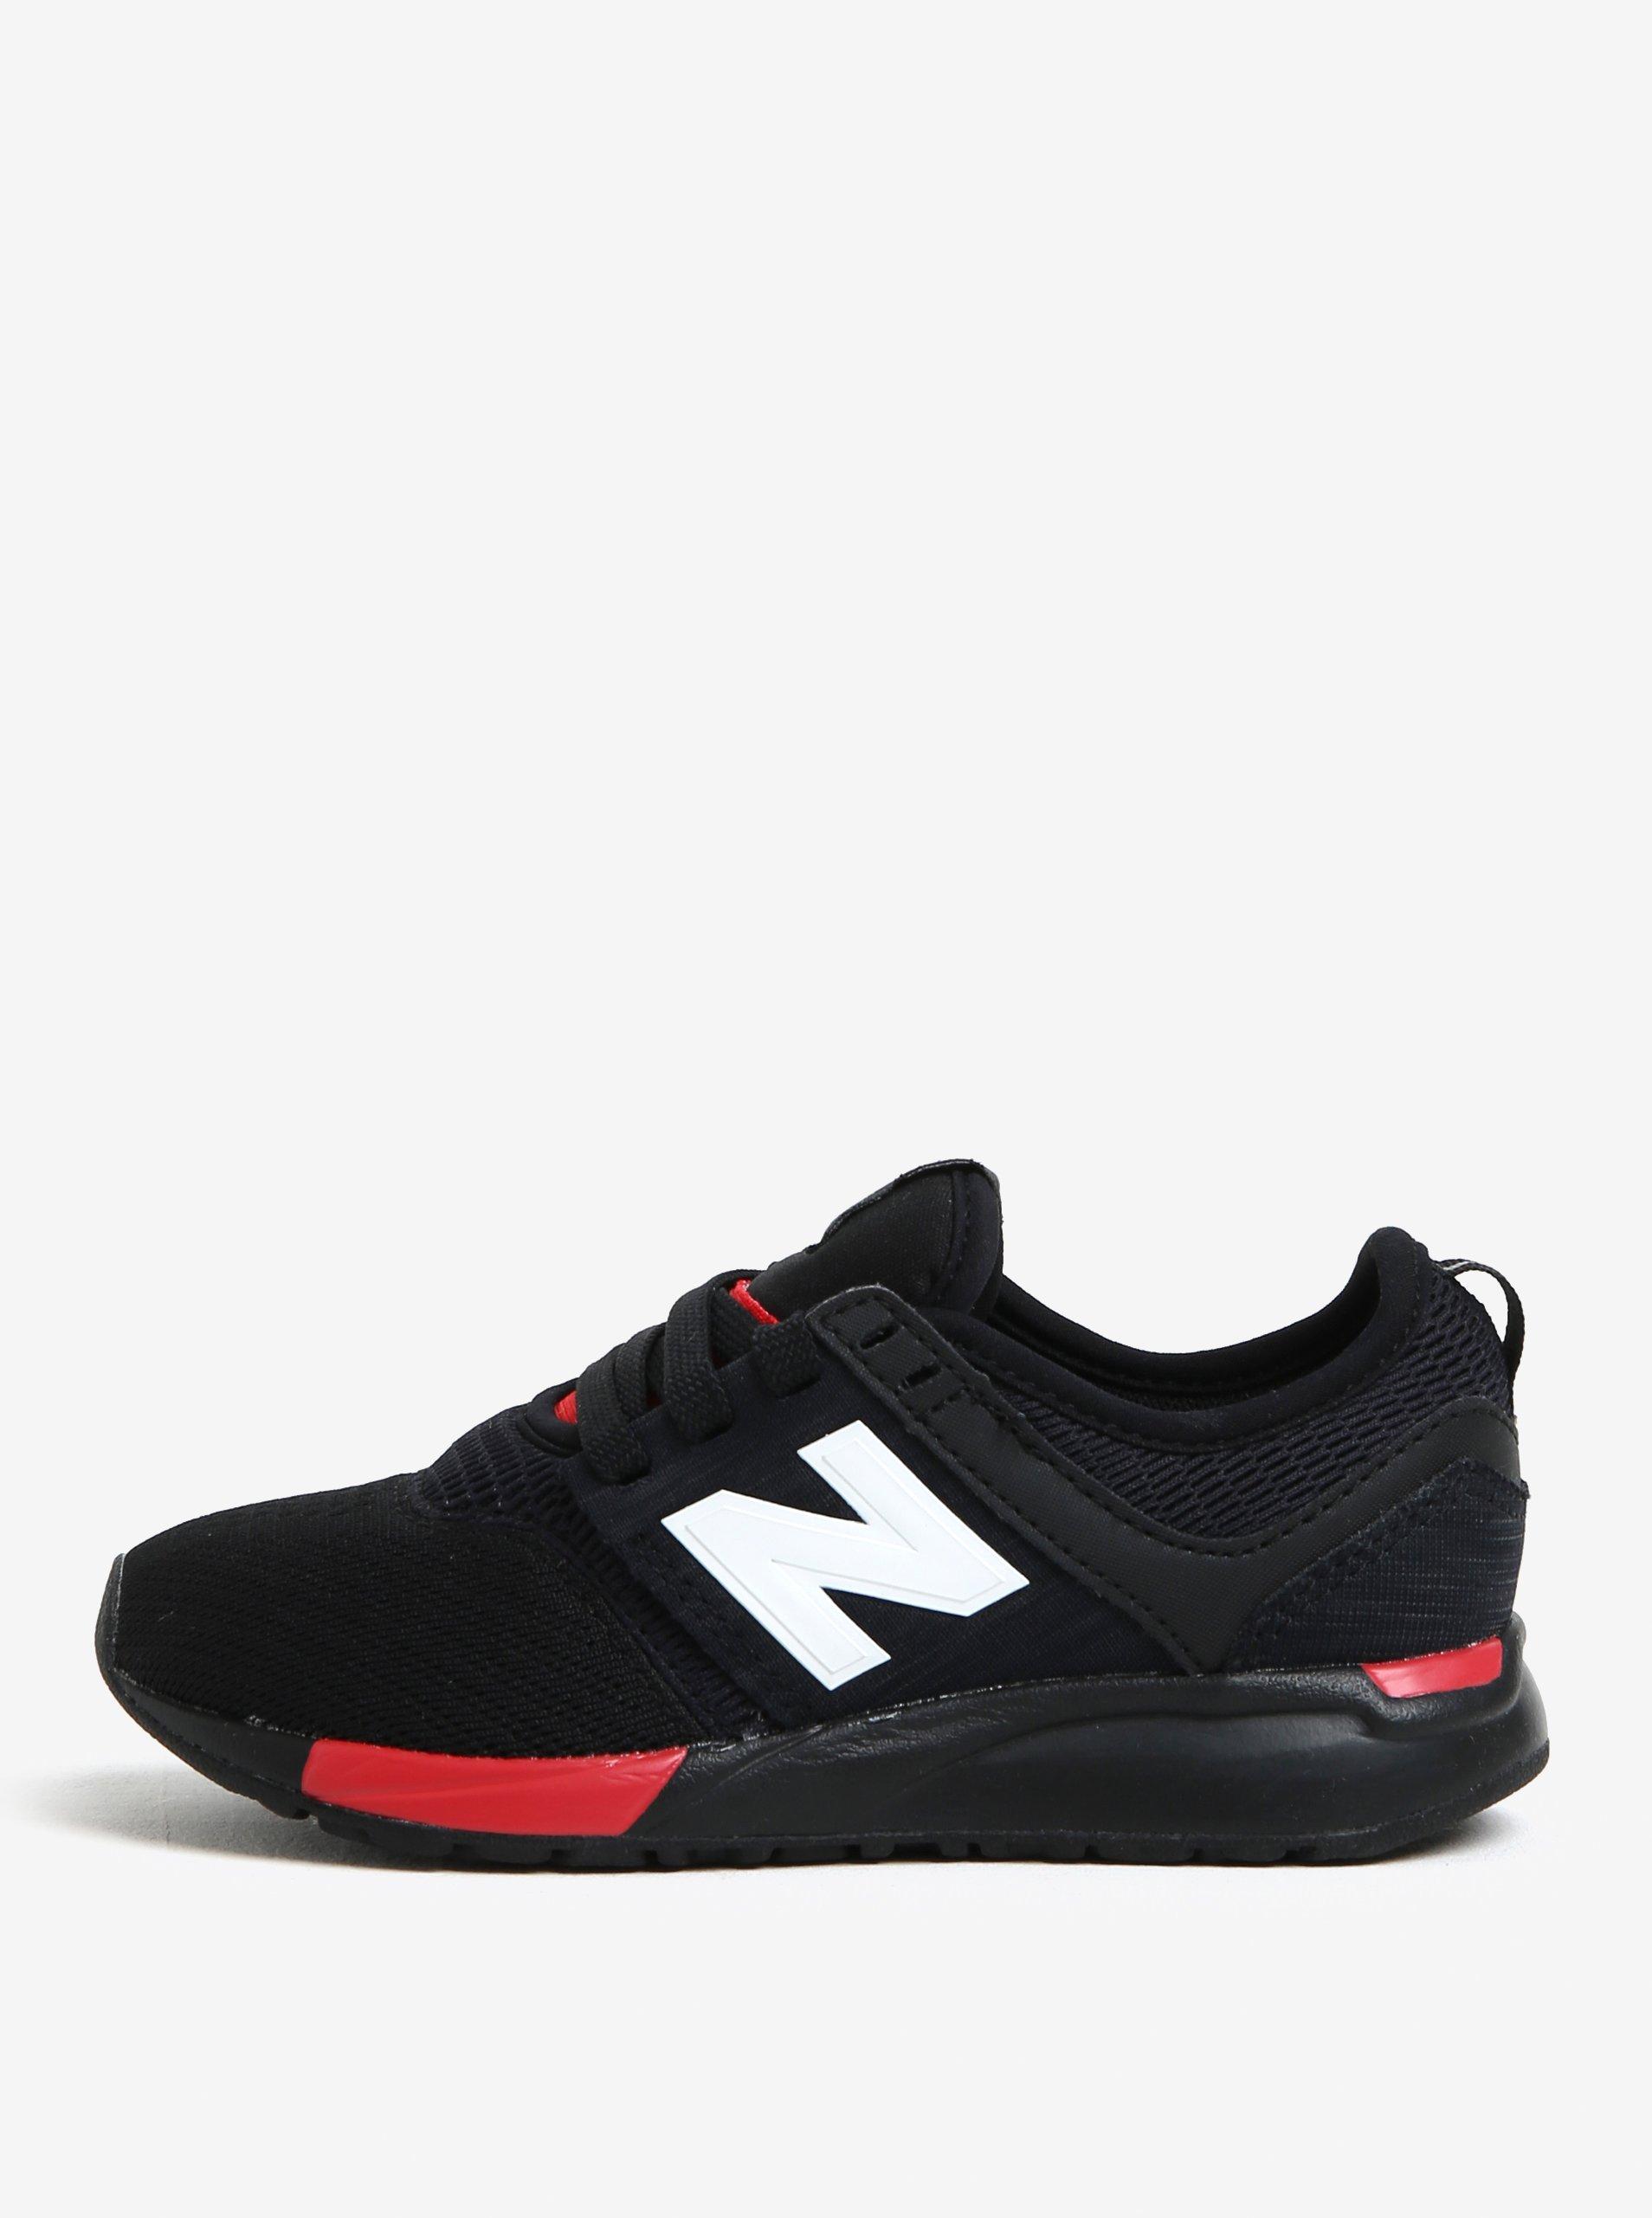 679524156233a Čierne detské tenisky New Balance | Moda.sk